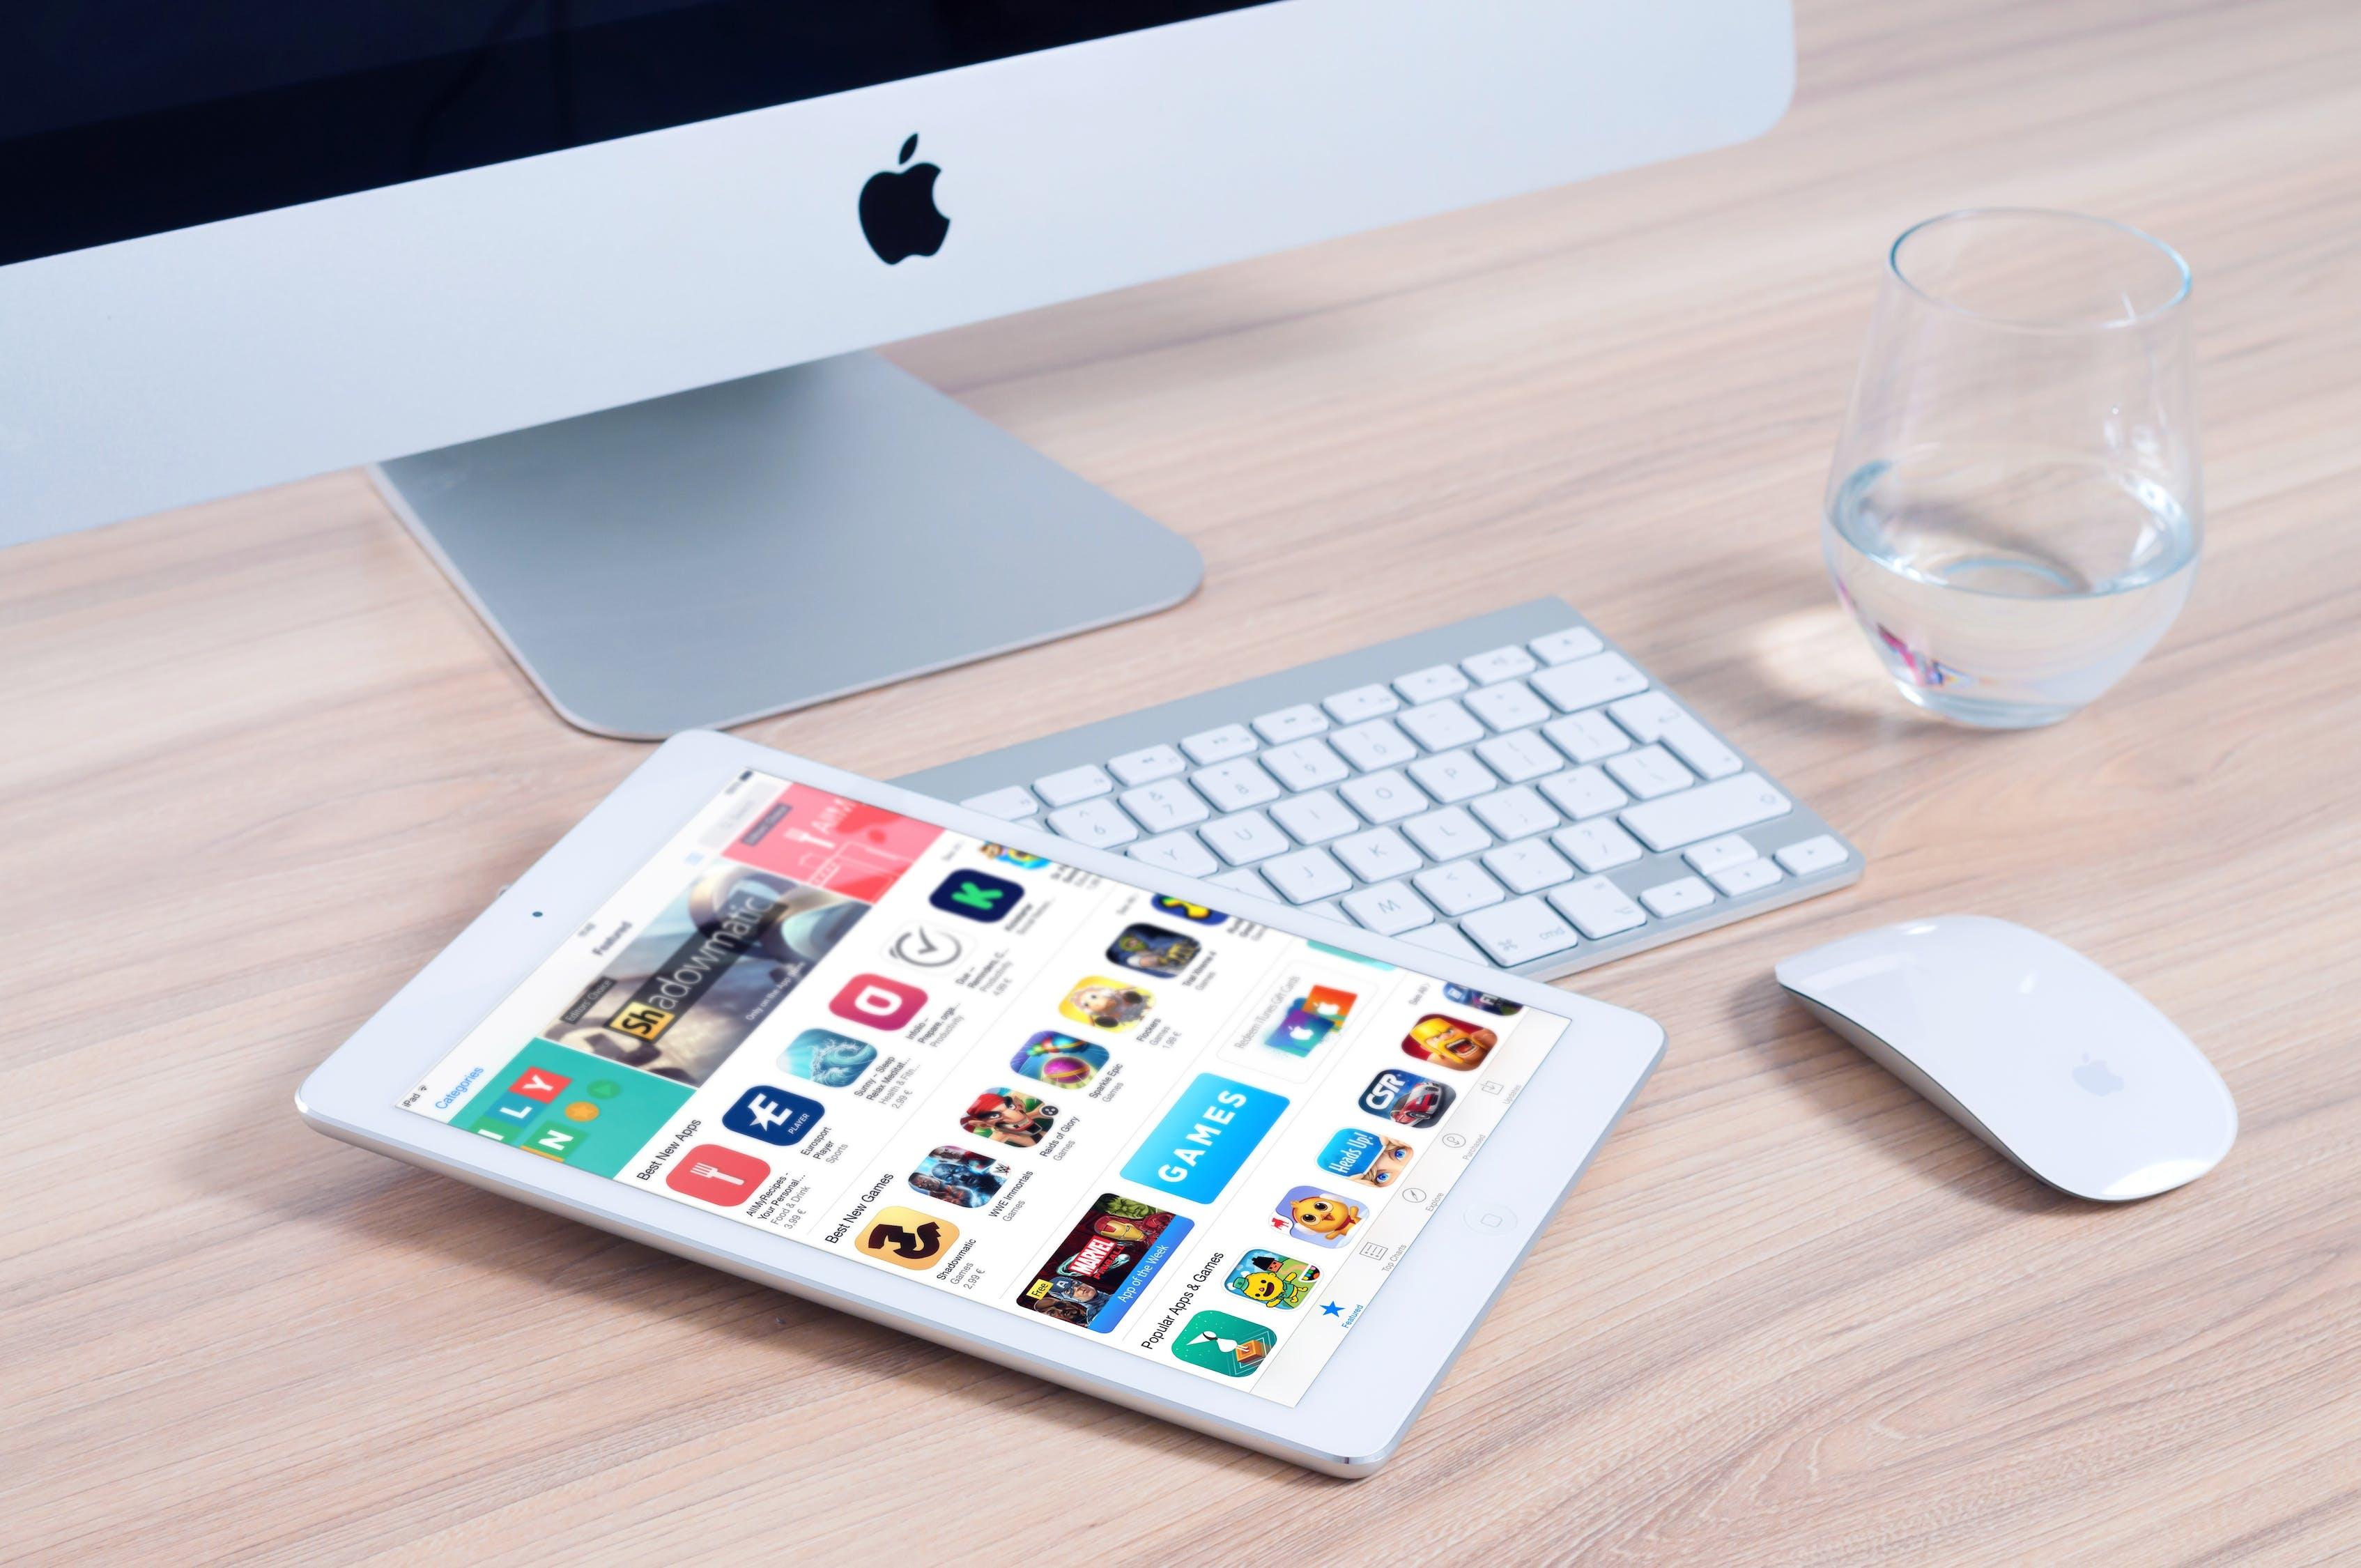 库克:苹果 App Store 平均每周审核 10 万个应用,其中 4 万个被拒绝